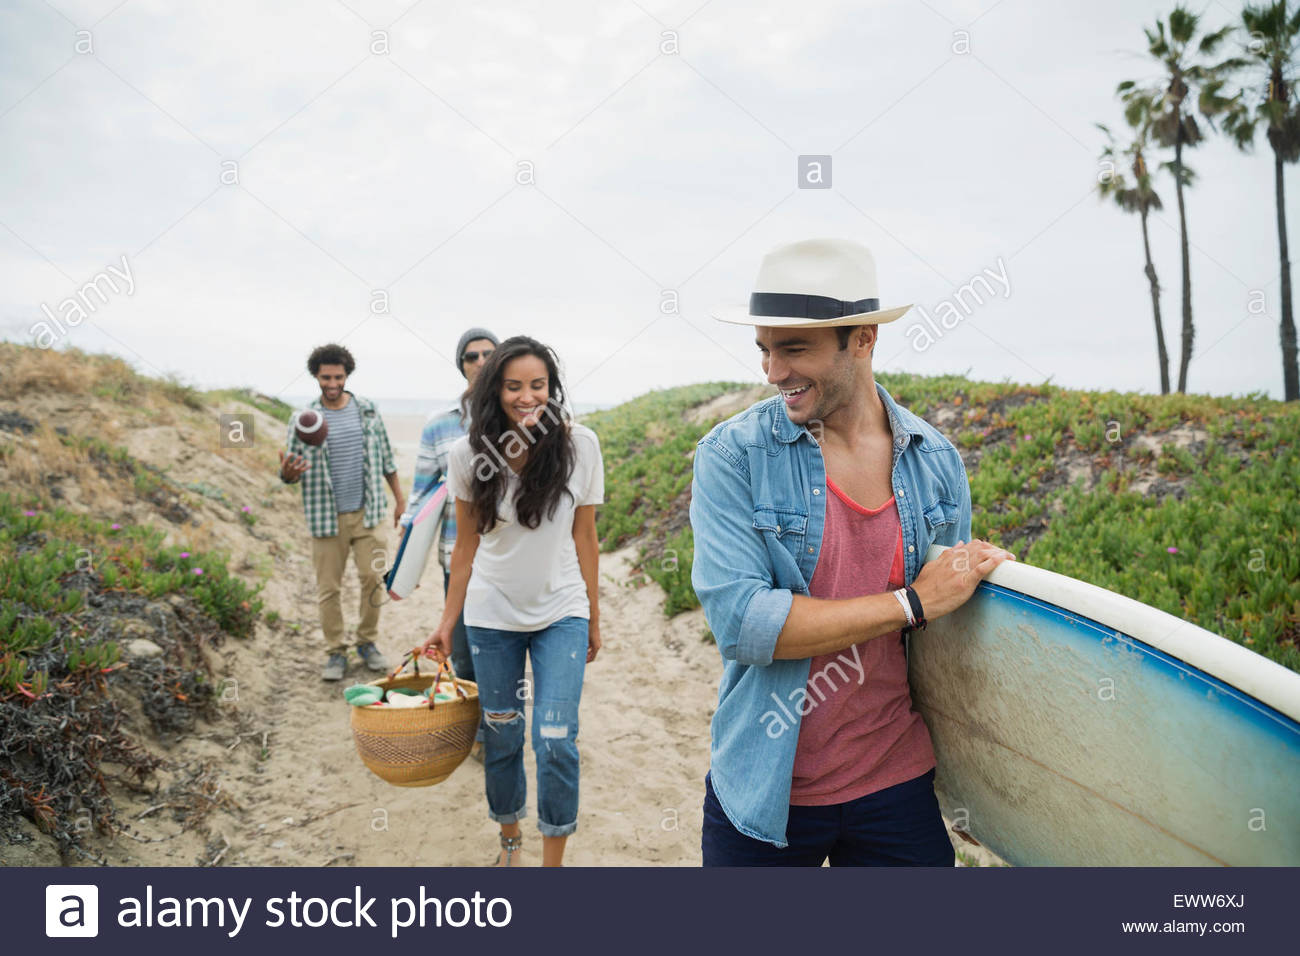 Gli amici che trasportano le tavole da surf e Cesto picnic percorso spiaggia Immagini Stock